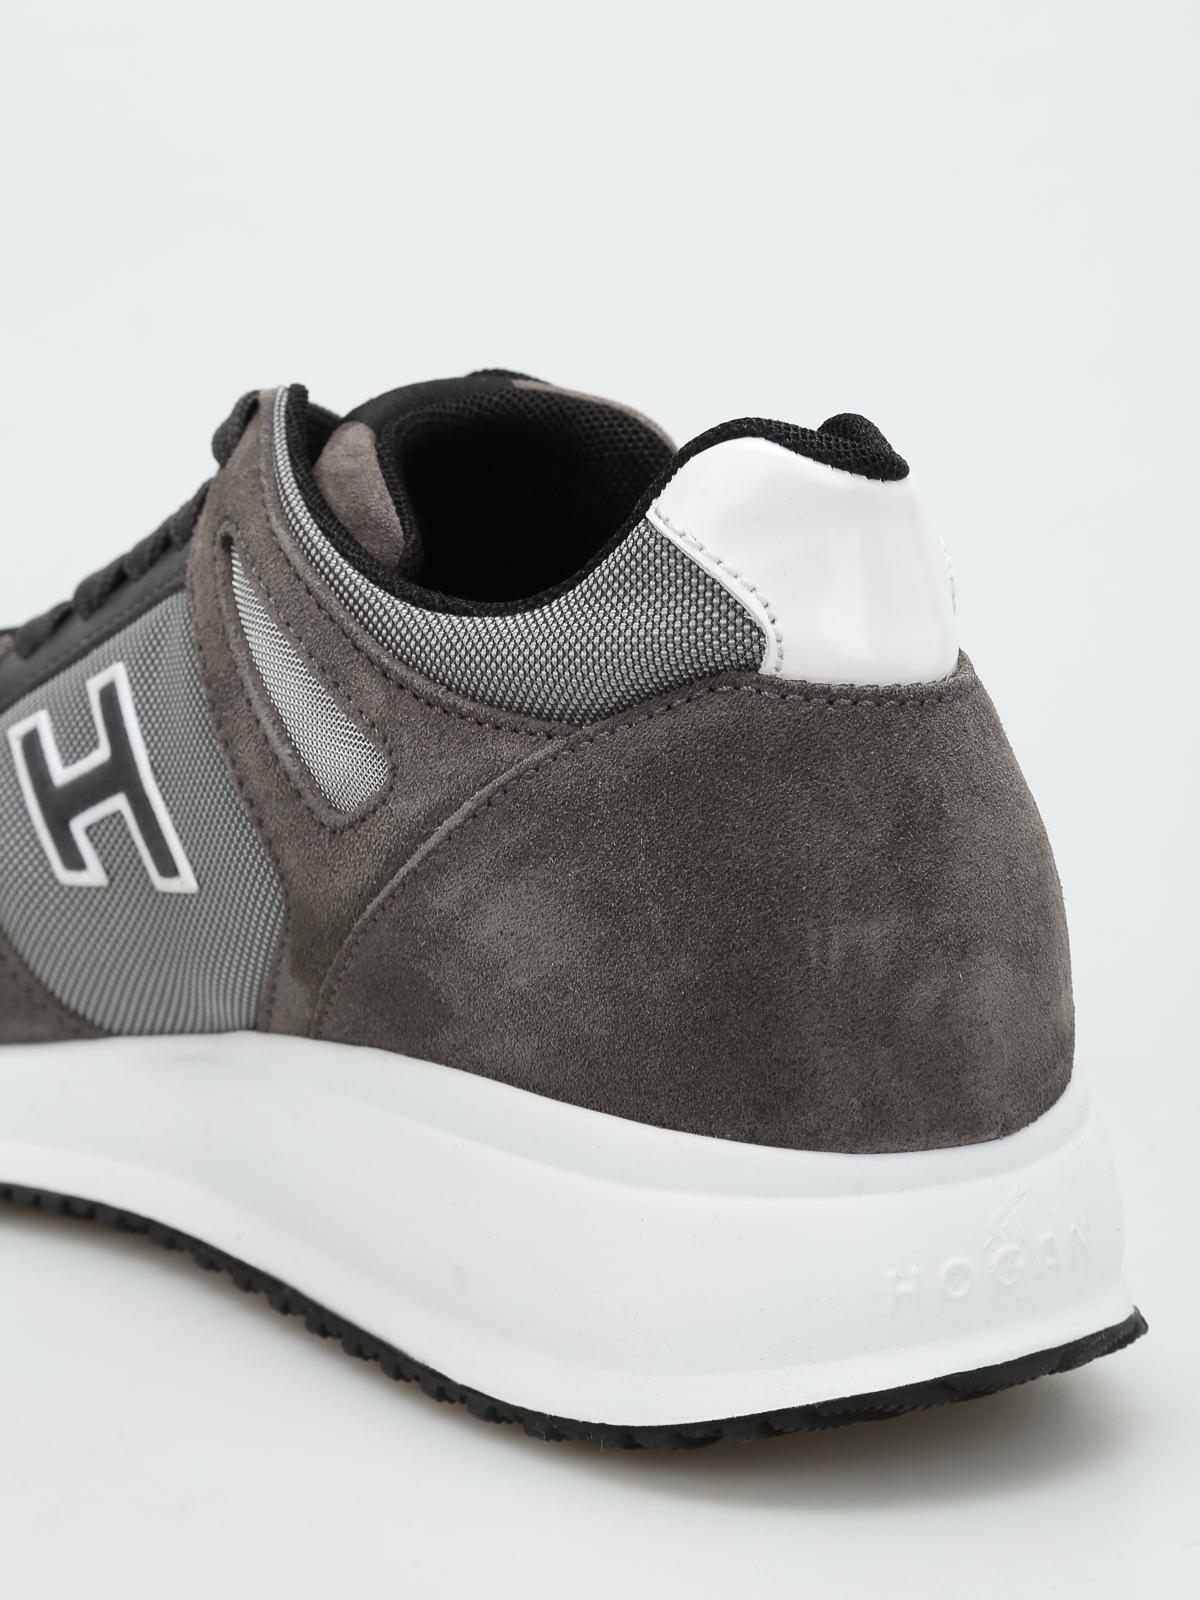 le dernier 8e62b 72904 Hogan - Baskets Interactive N21 Pour Homme - Chaussures de ...